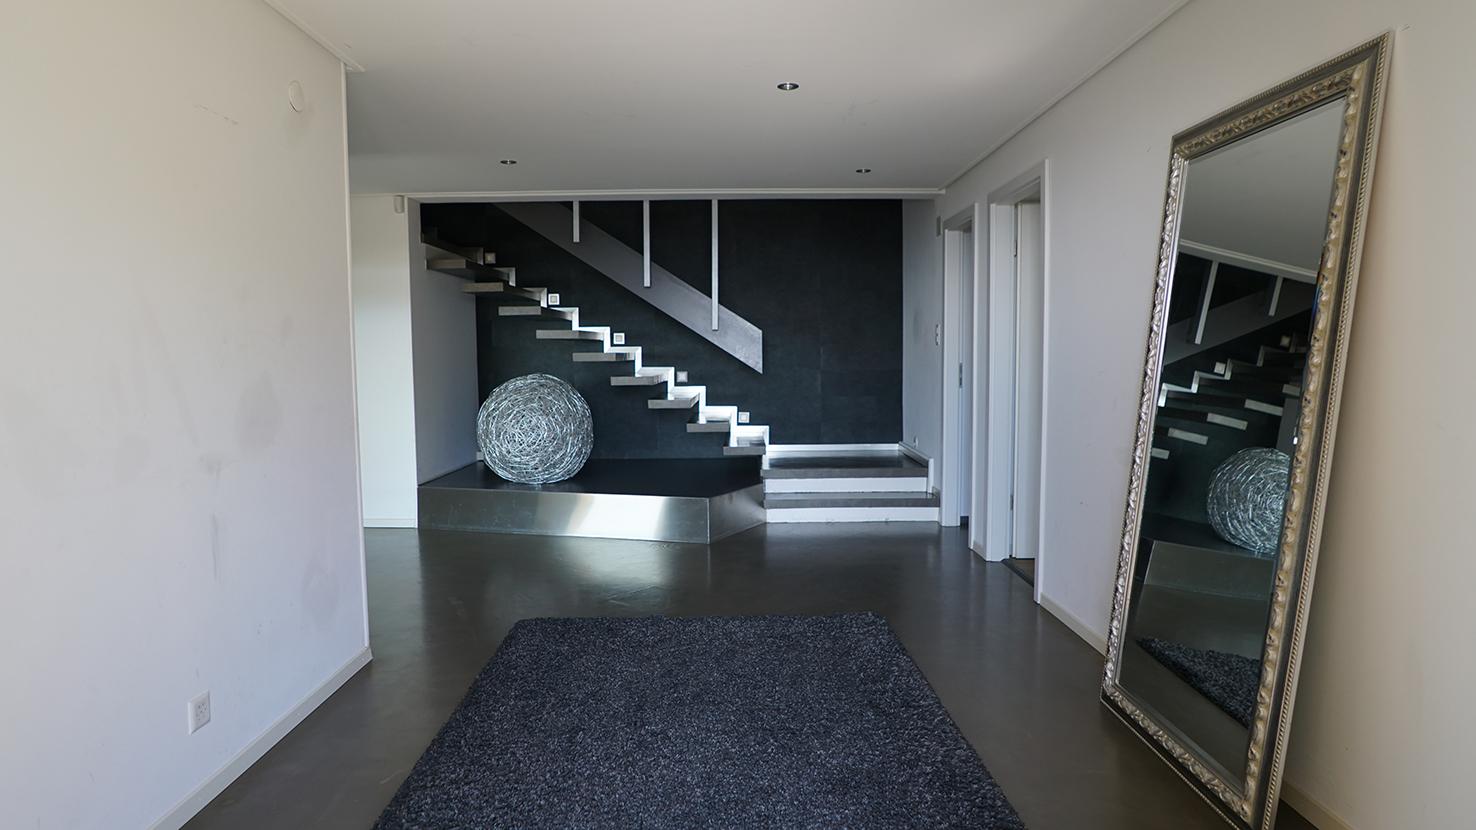 Hall - Entrée principale